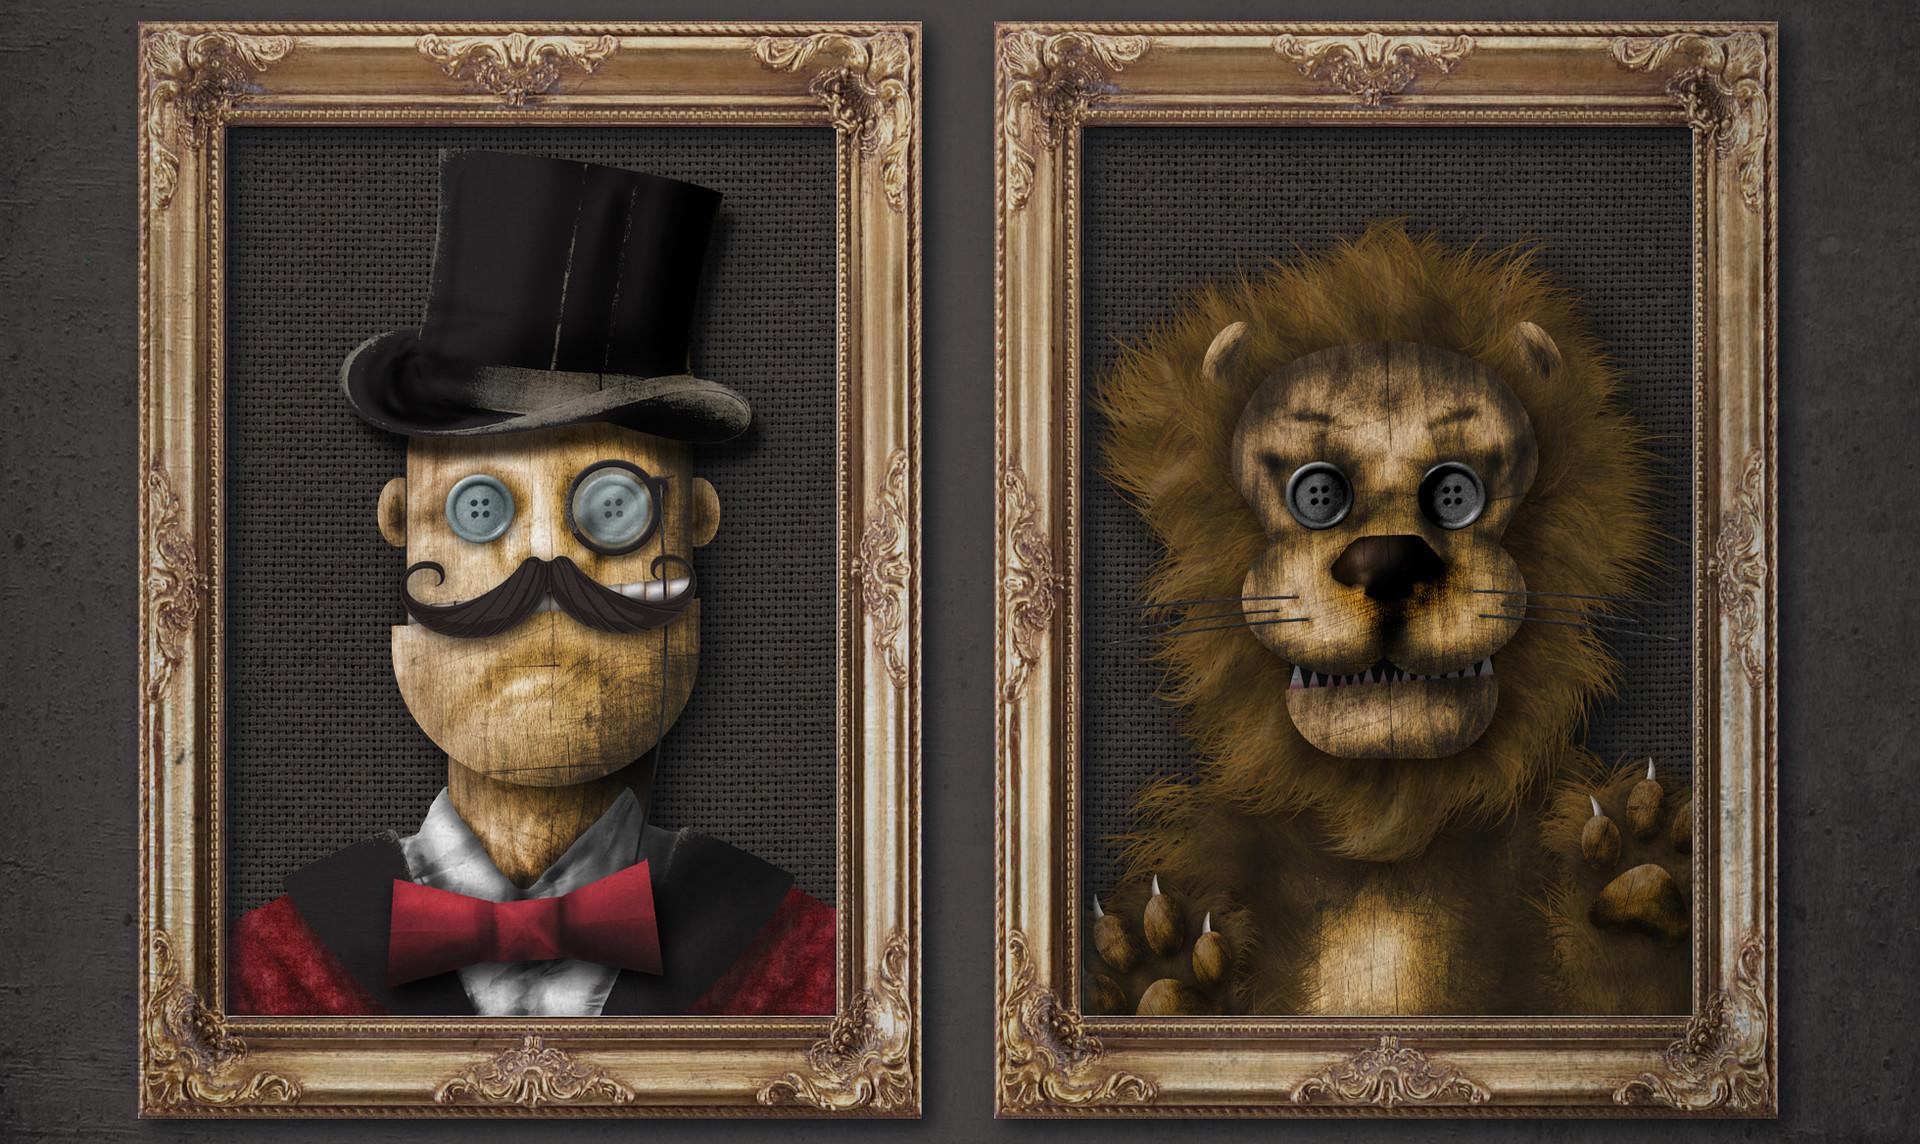 Smoke & Mirrors Character Design